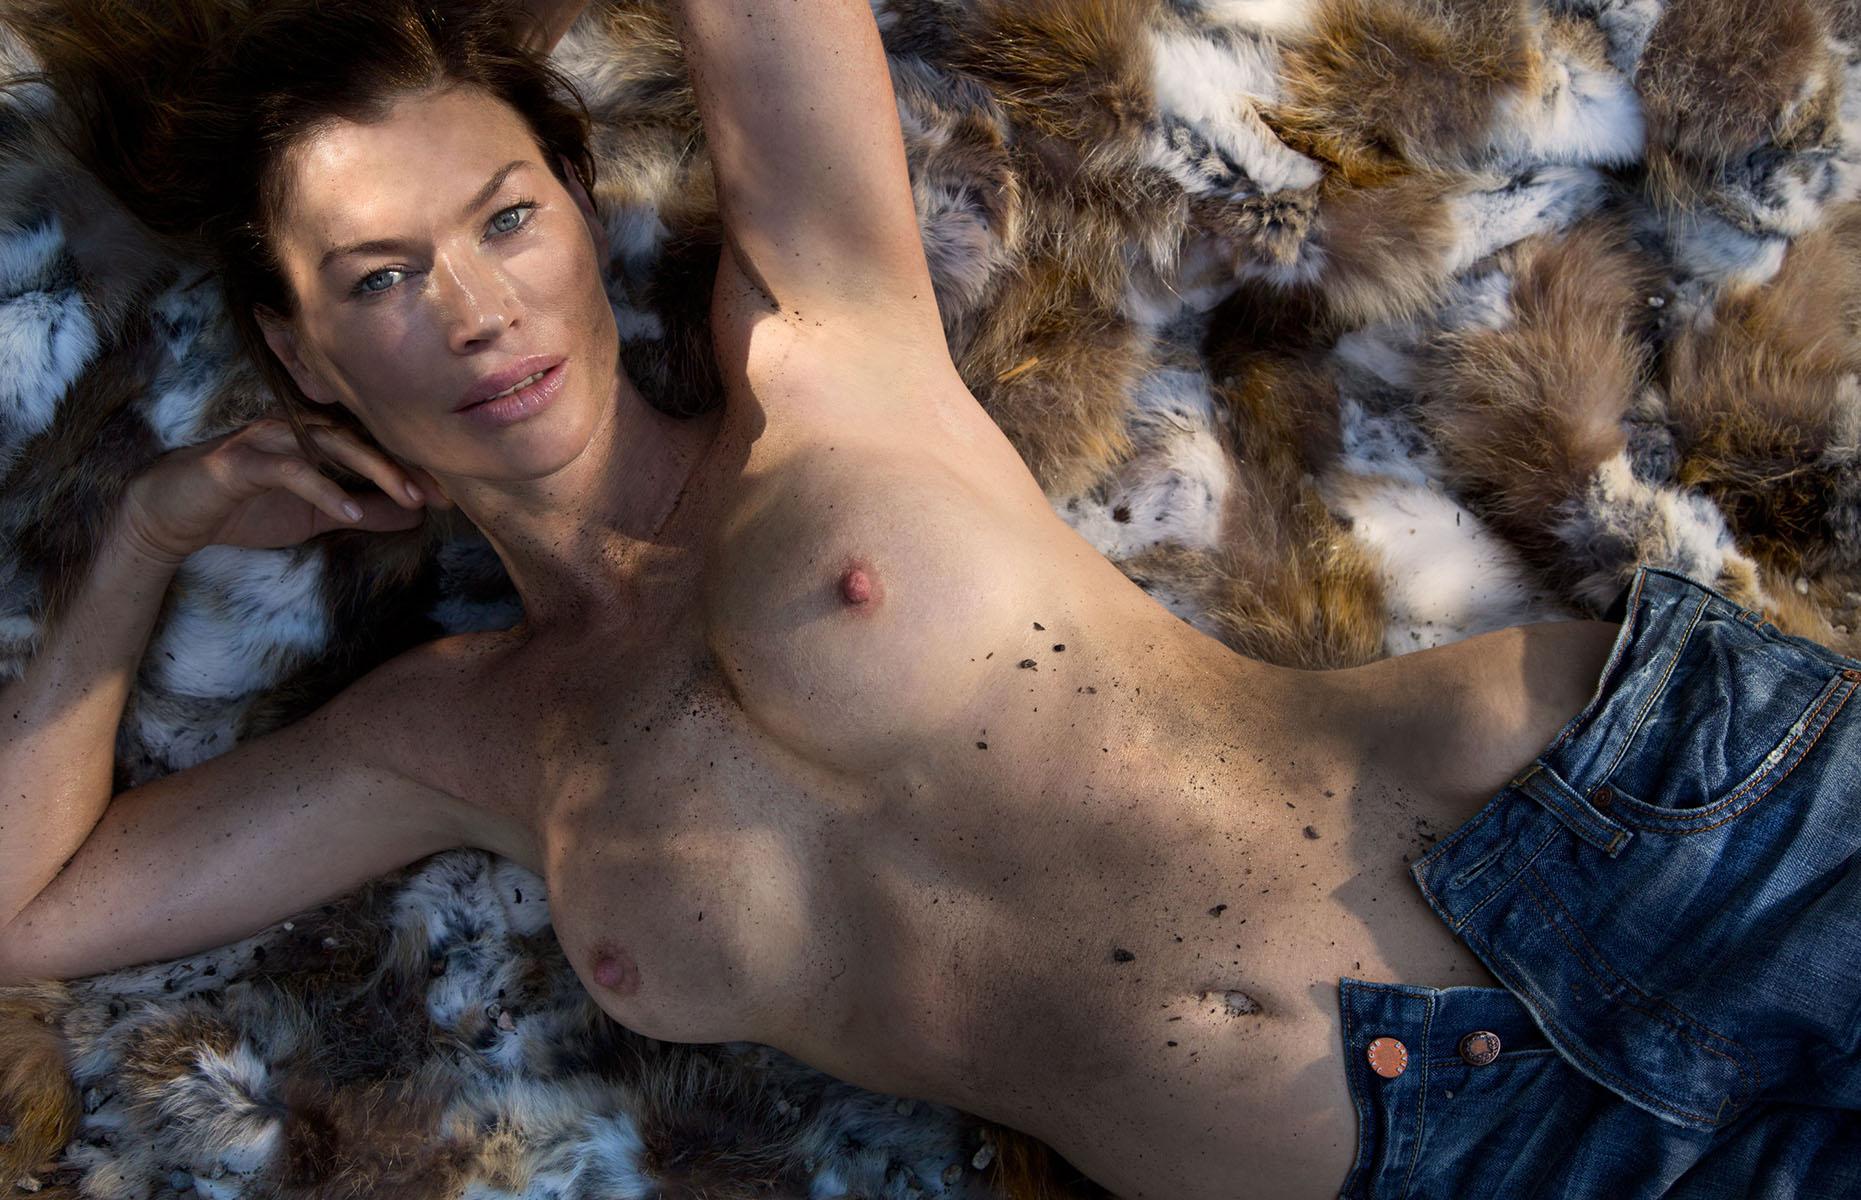 Фото голой carrie, Голая Кэрри-Энн Мосс фото (16 фотографий высокого.) 8 фотография